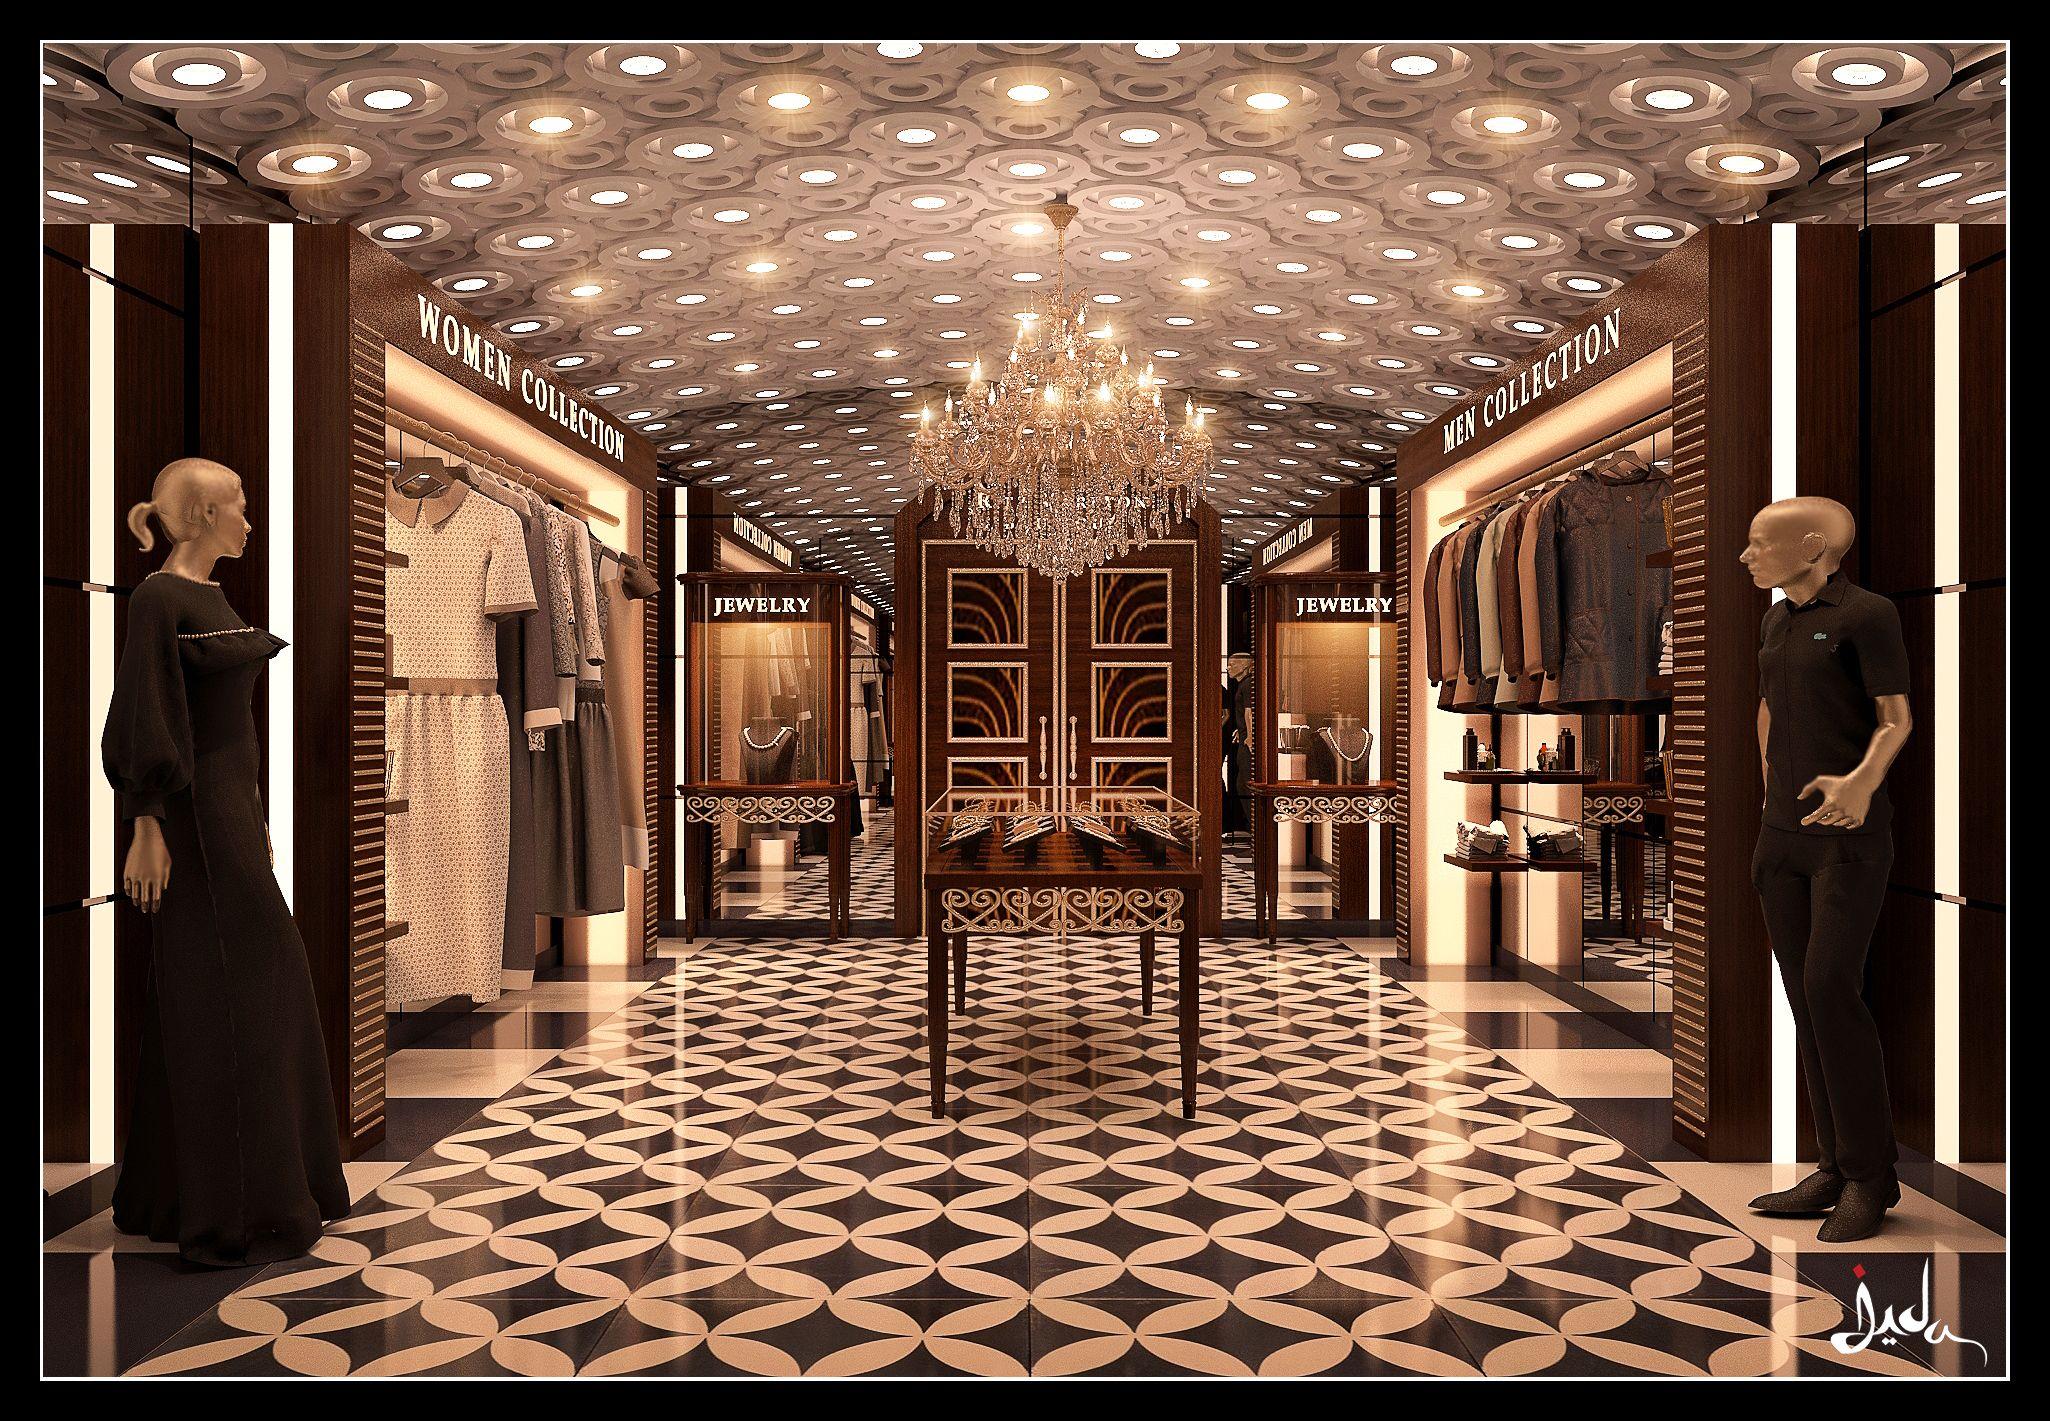 من أعمال شركة جيدا في القطاع التجاري تواصلوا معنا على 920006386 تصميمداخلي تصميممعماري منازل تصميمات تص Design Architect Architect Design